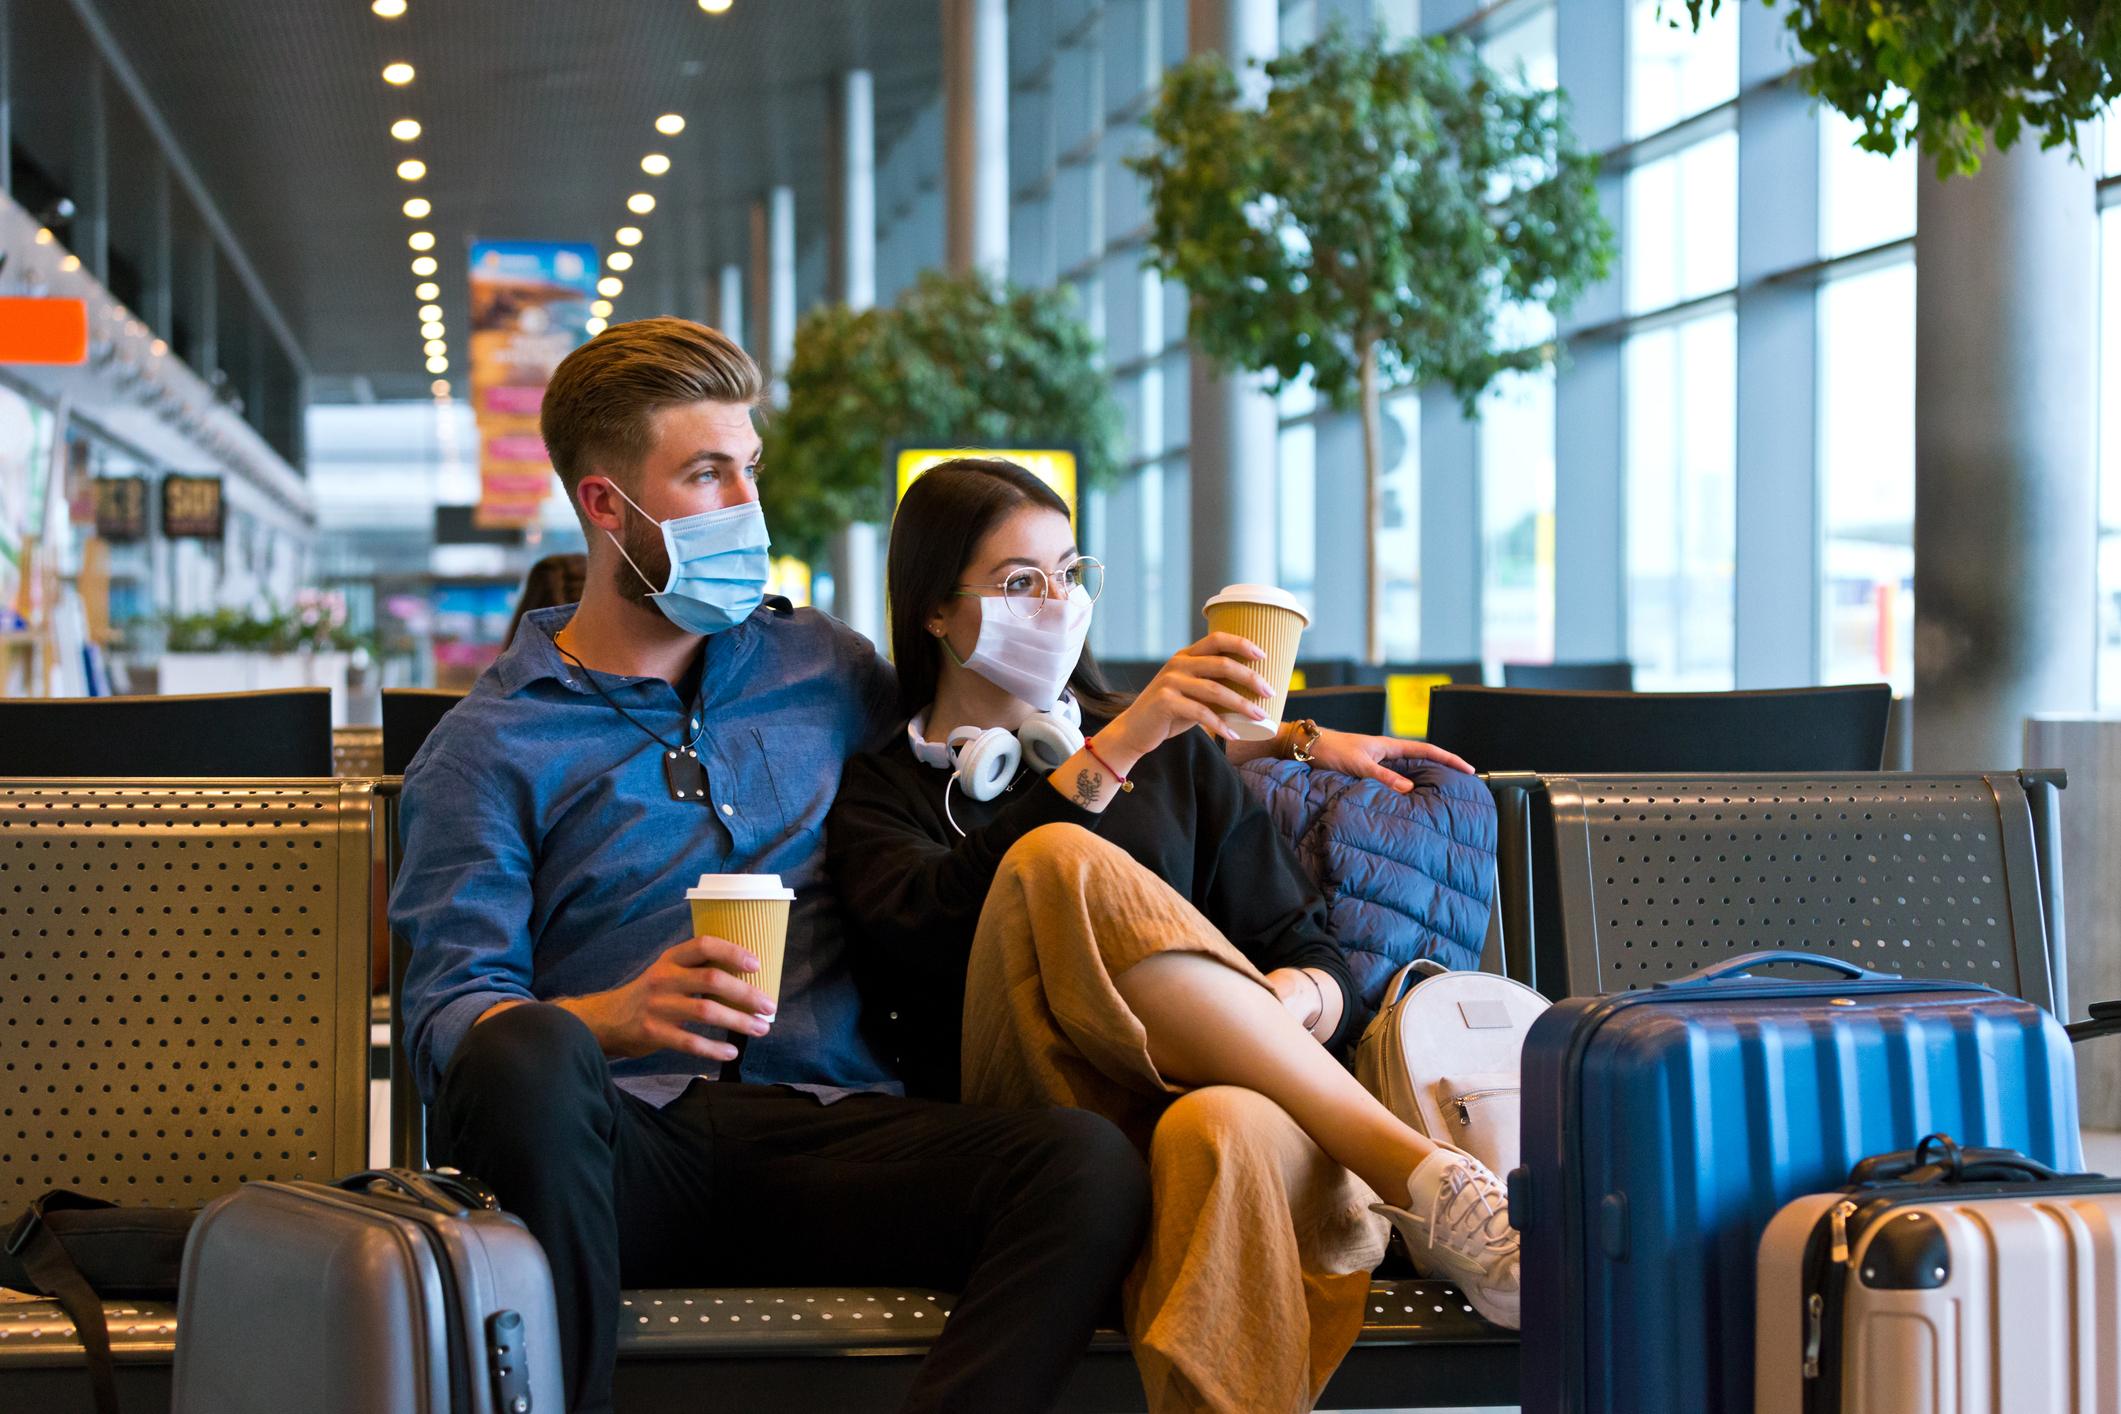 旅行前须知:冠状病毒疾病(COVID-19)和假日旅行